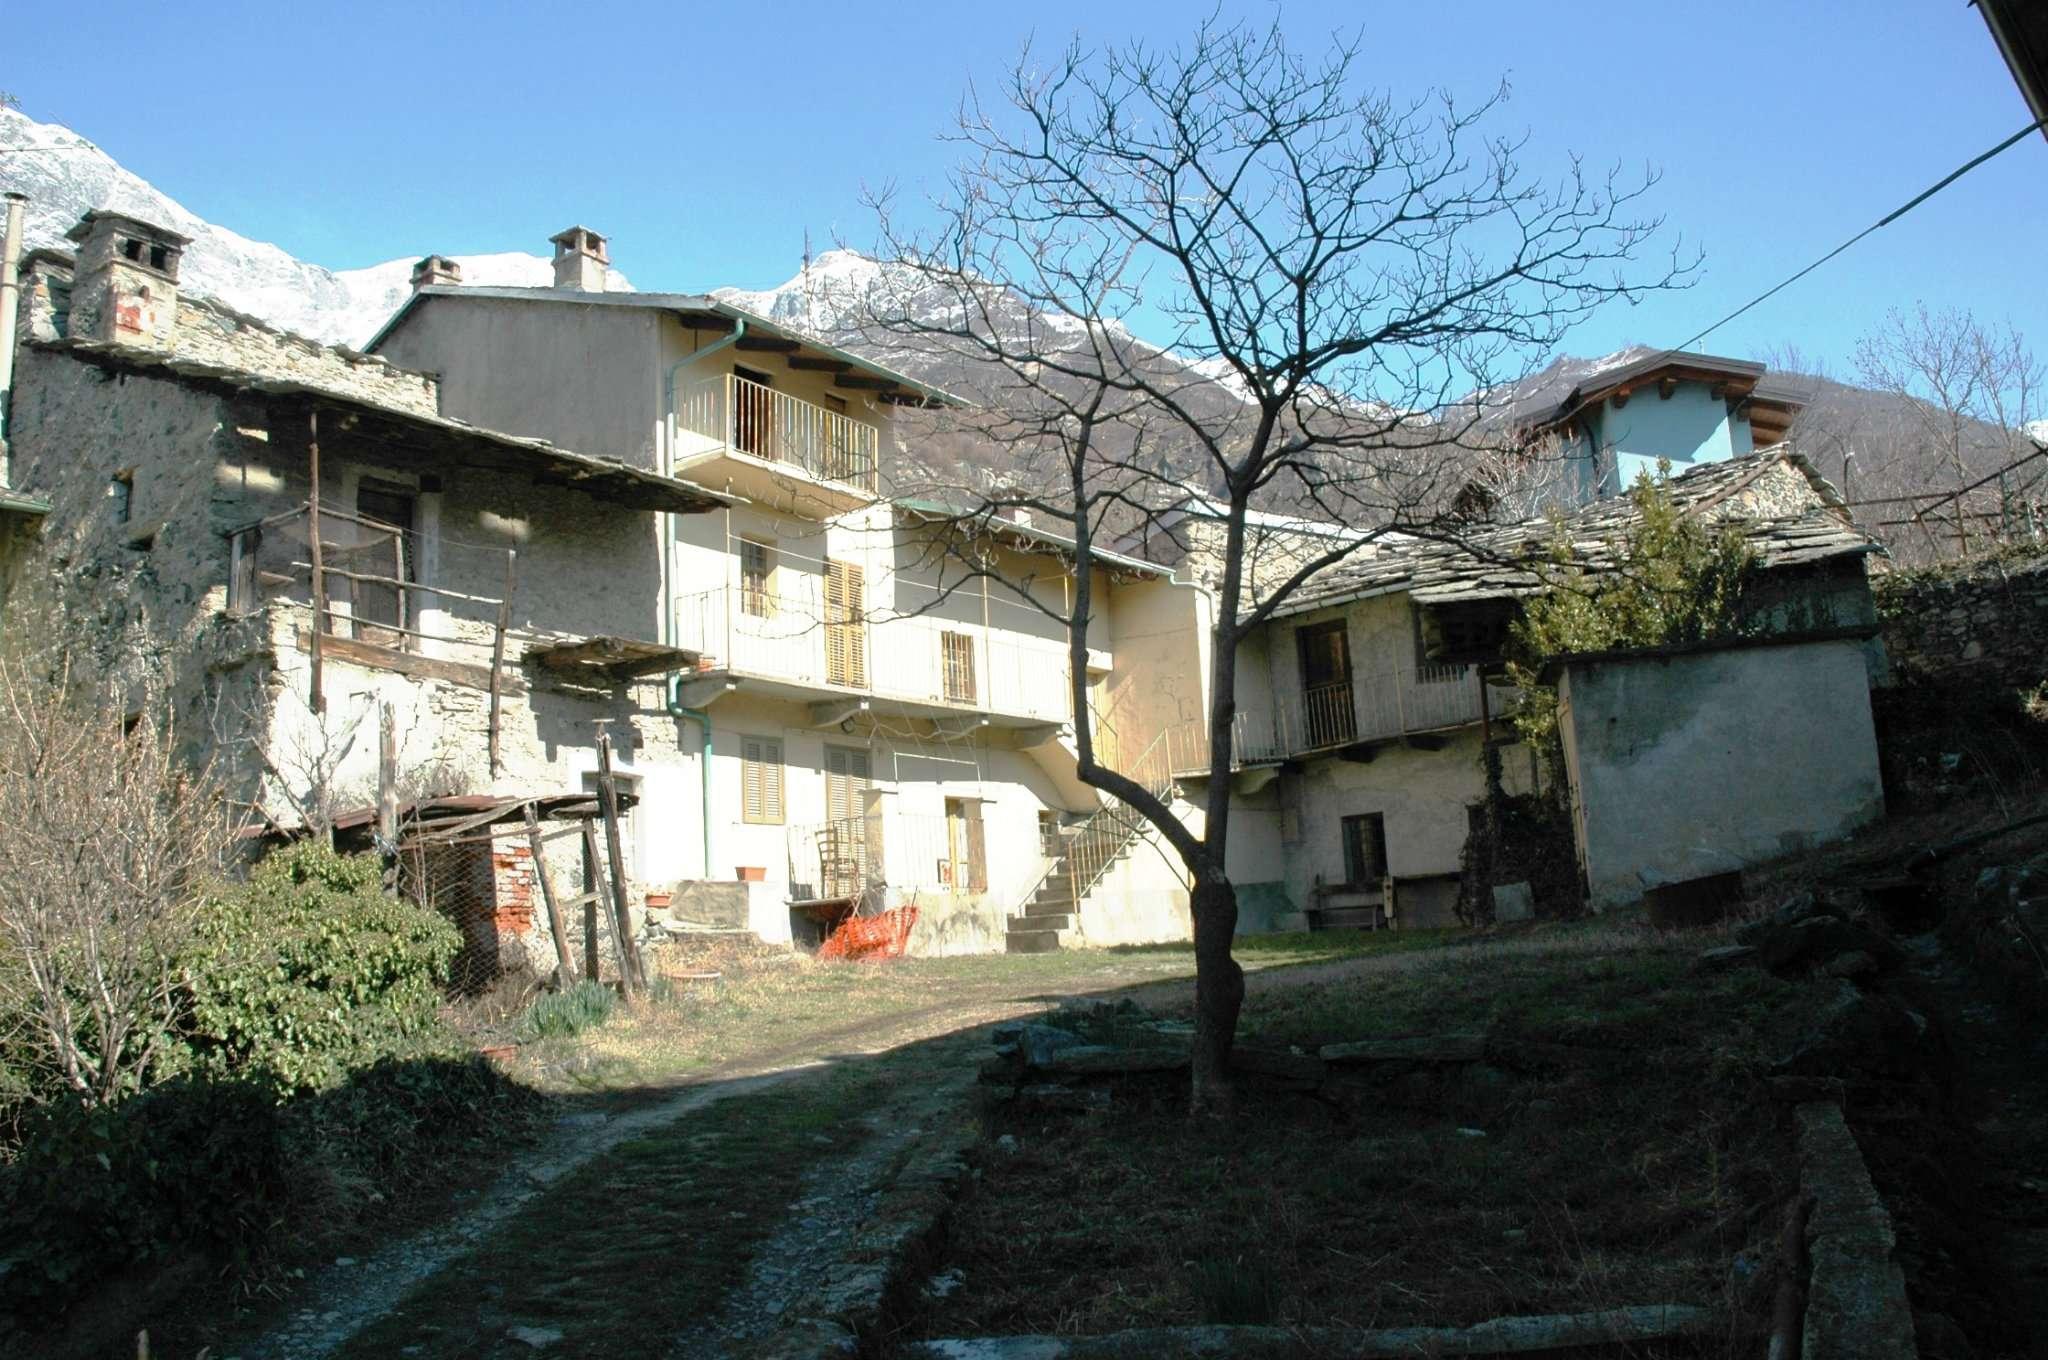 Rustico / Casale da ristrutturare in vendita Rif. 8759513